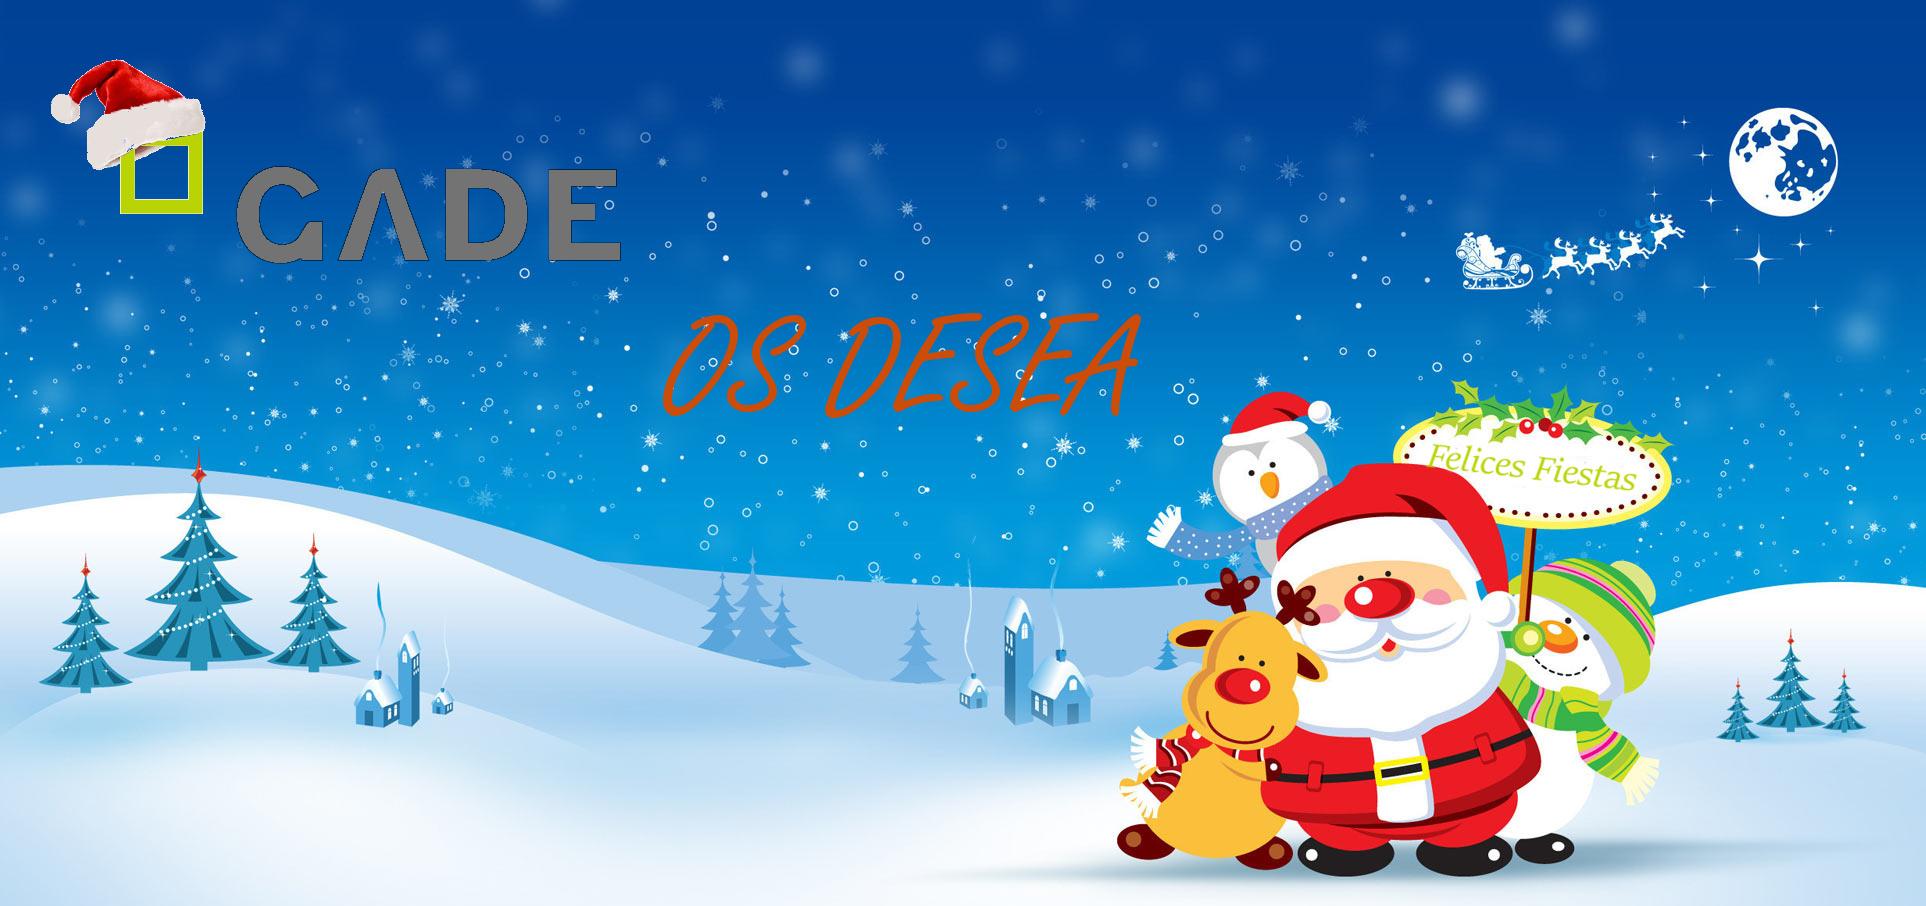 GADE os desea Felices Fiestas